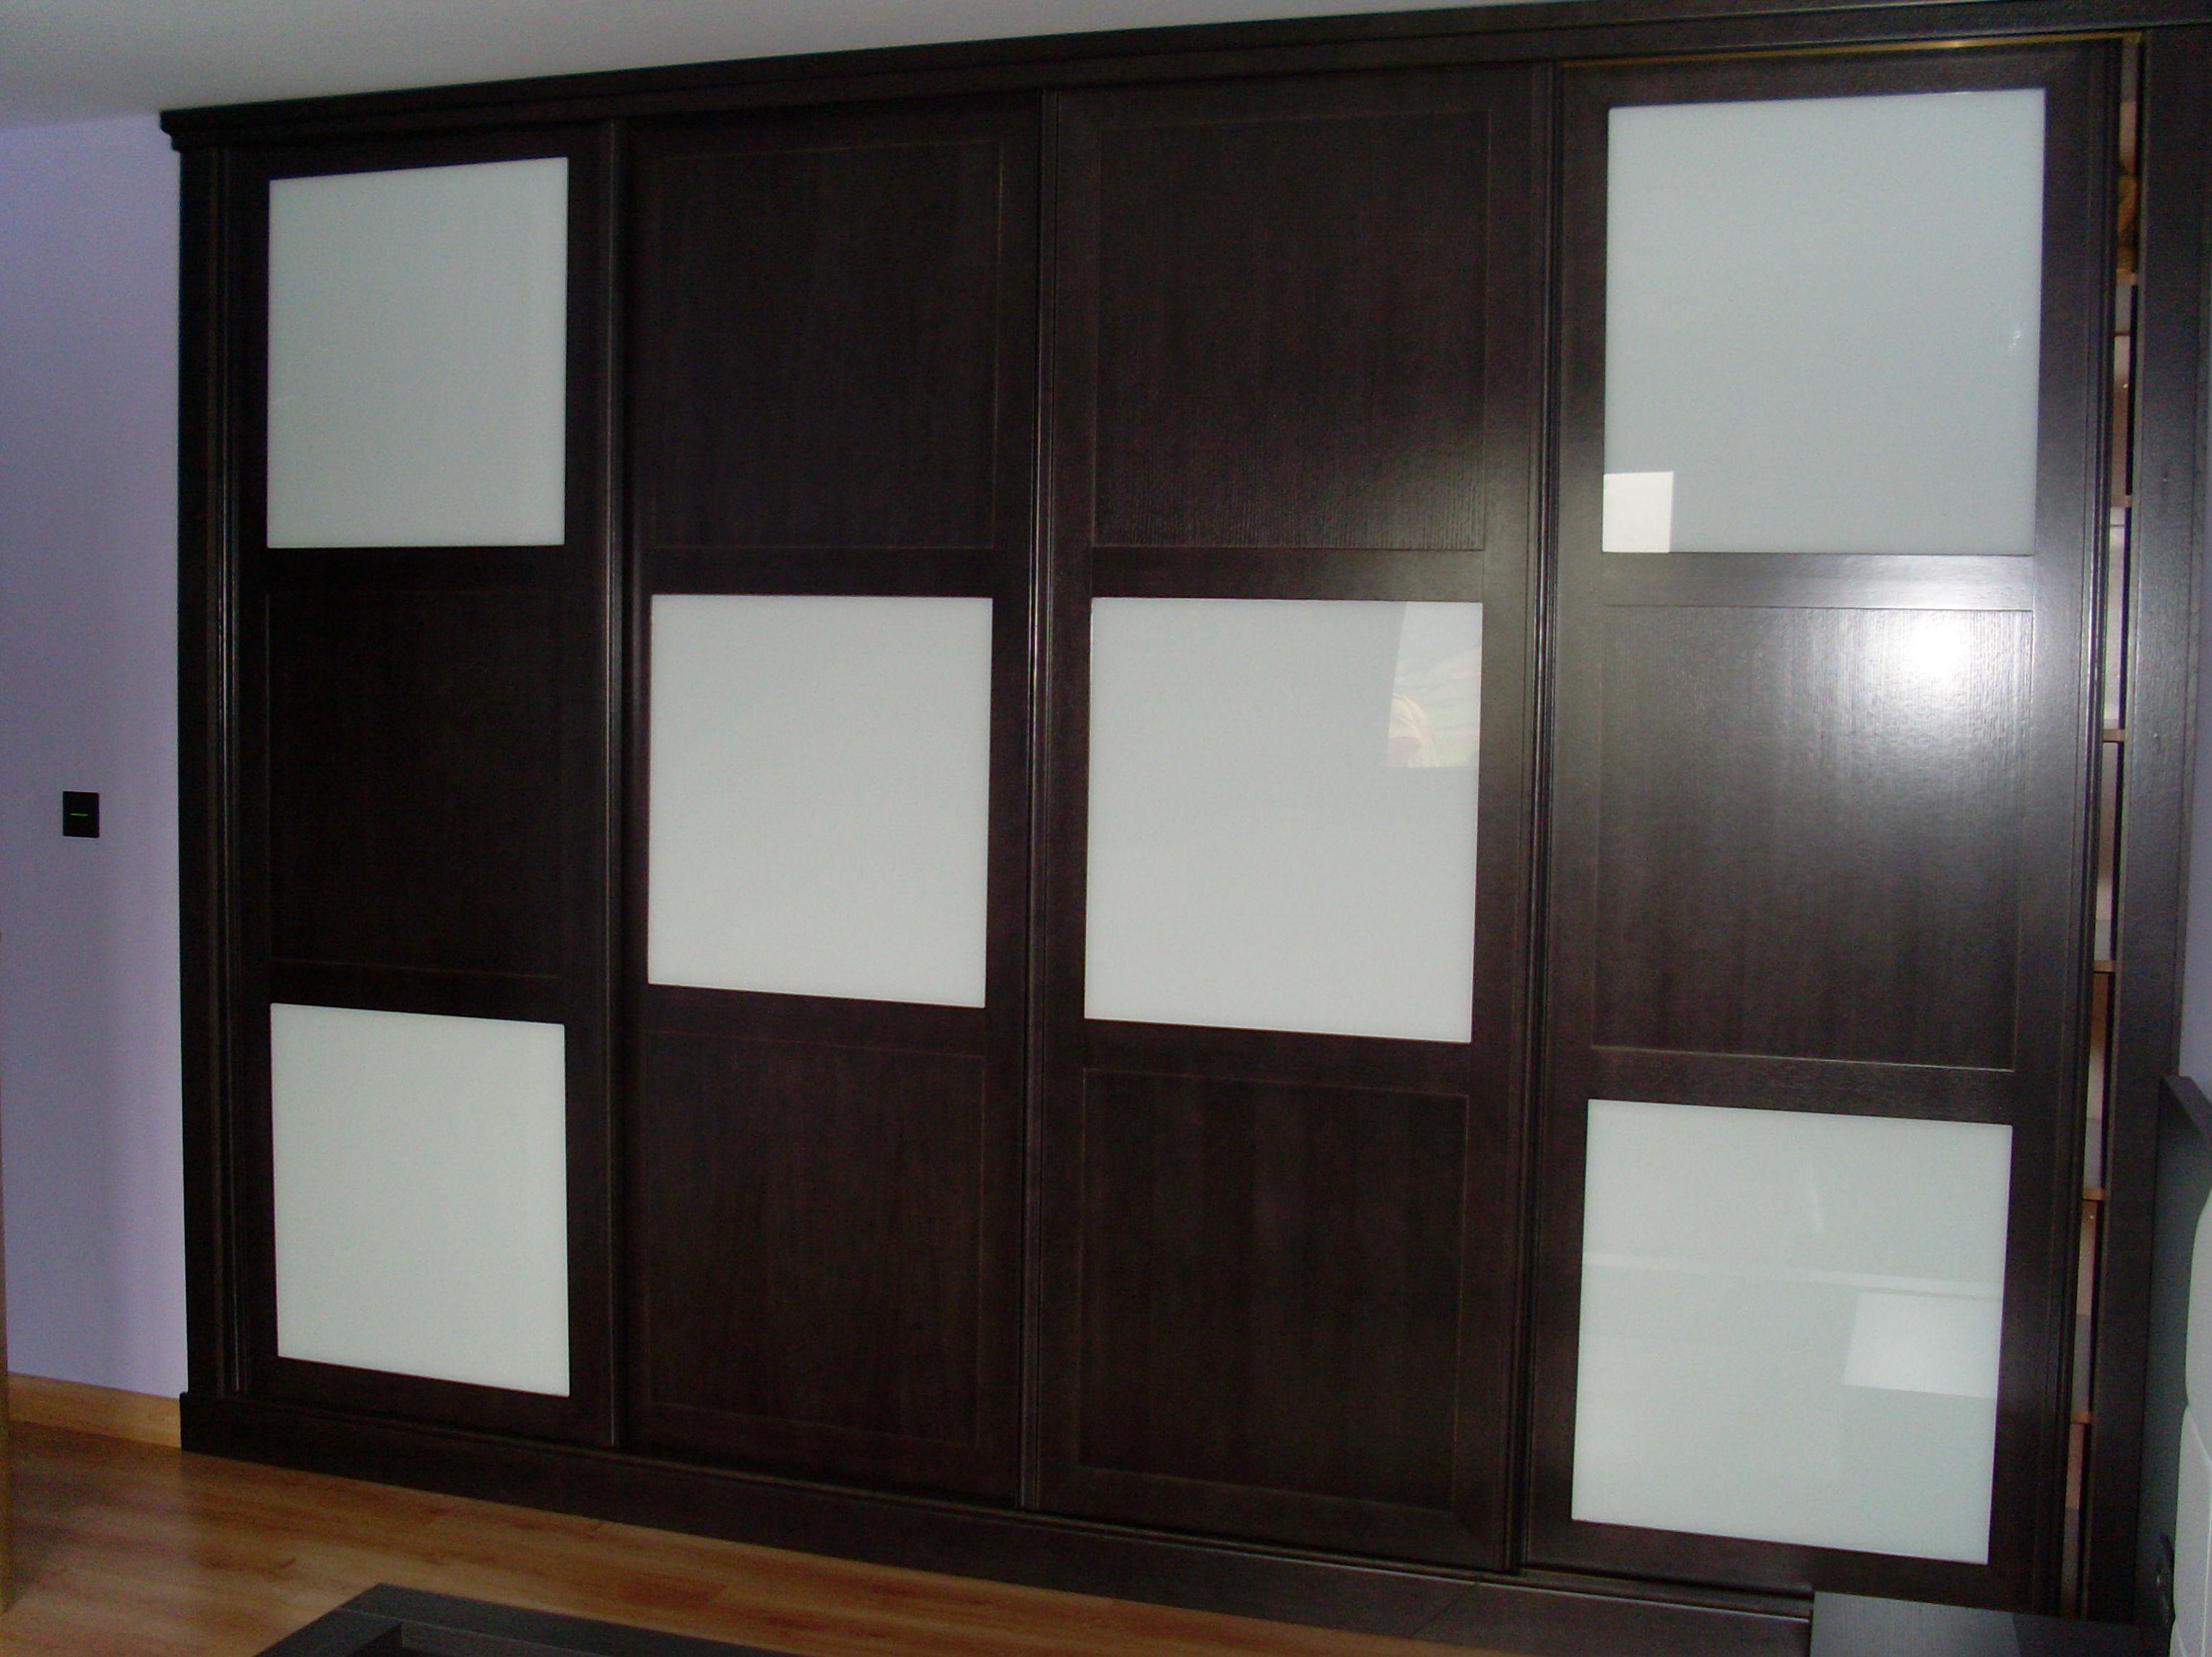 Foto 6 de armarios en ria o puertas y armarios videco - Armarios empotrados oviedo ...